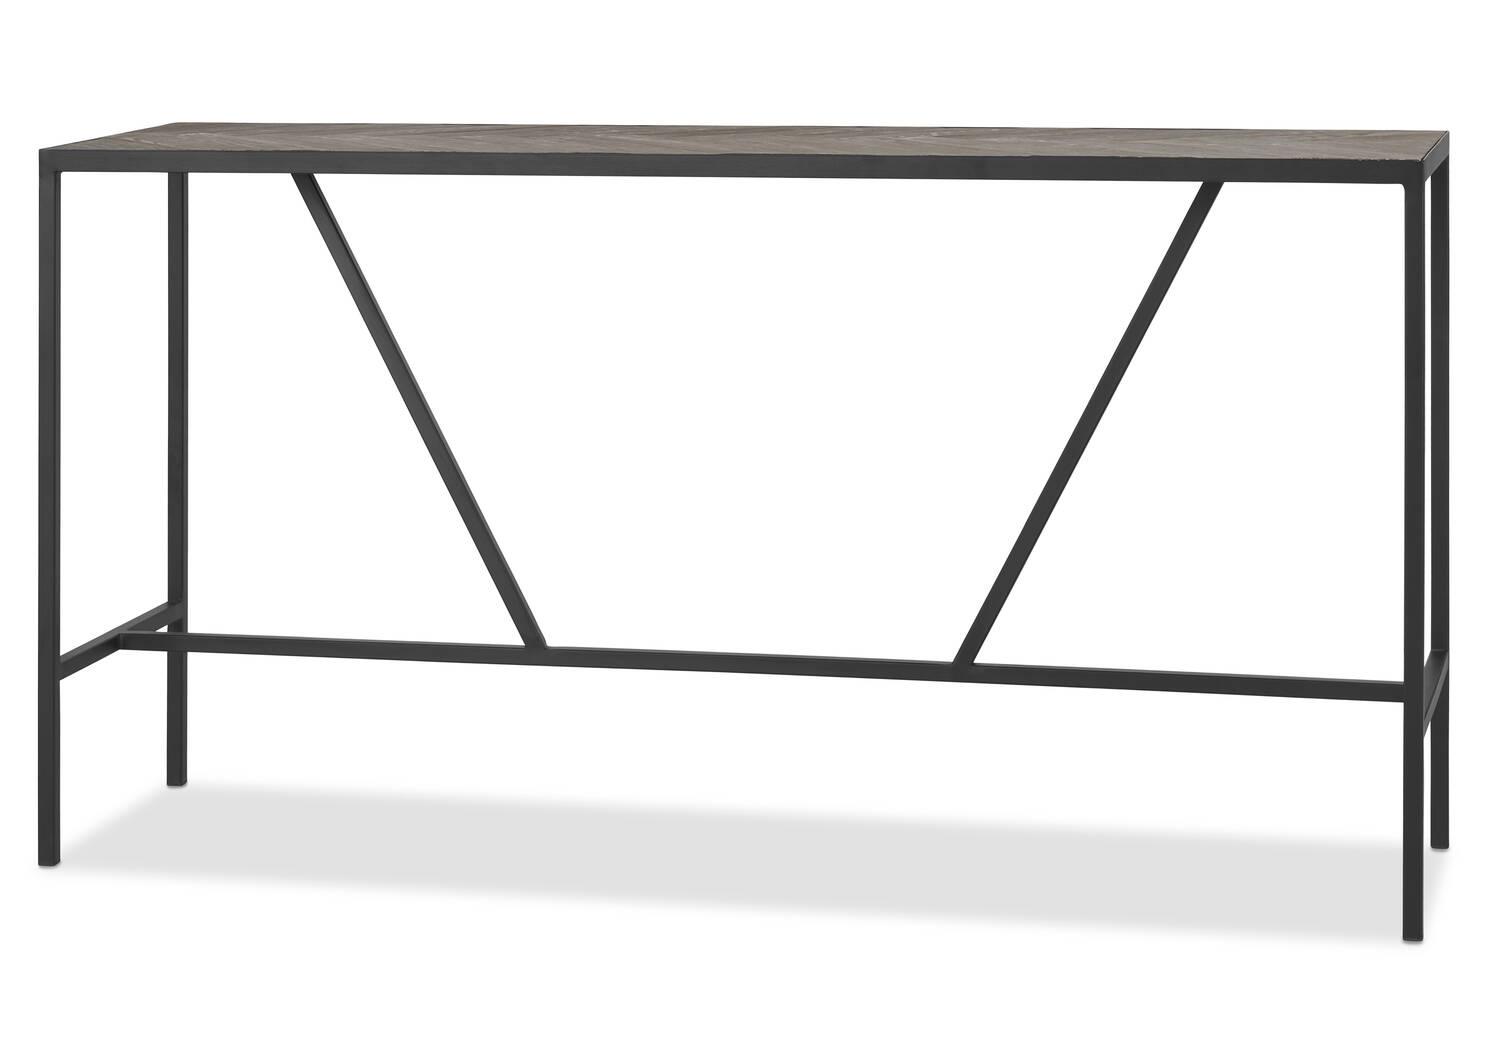 Leland Console Table -Parquet Bay